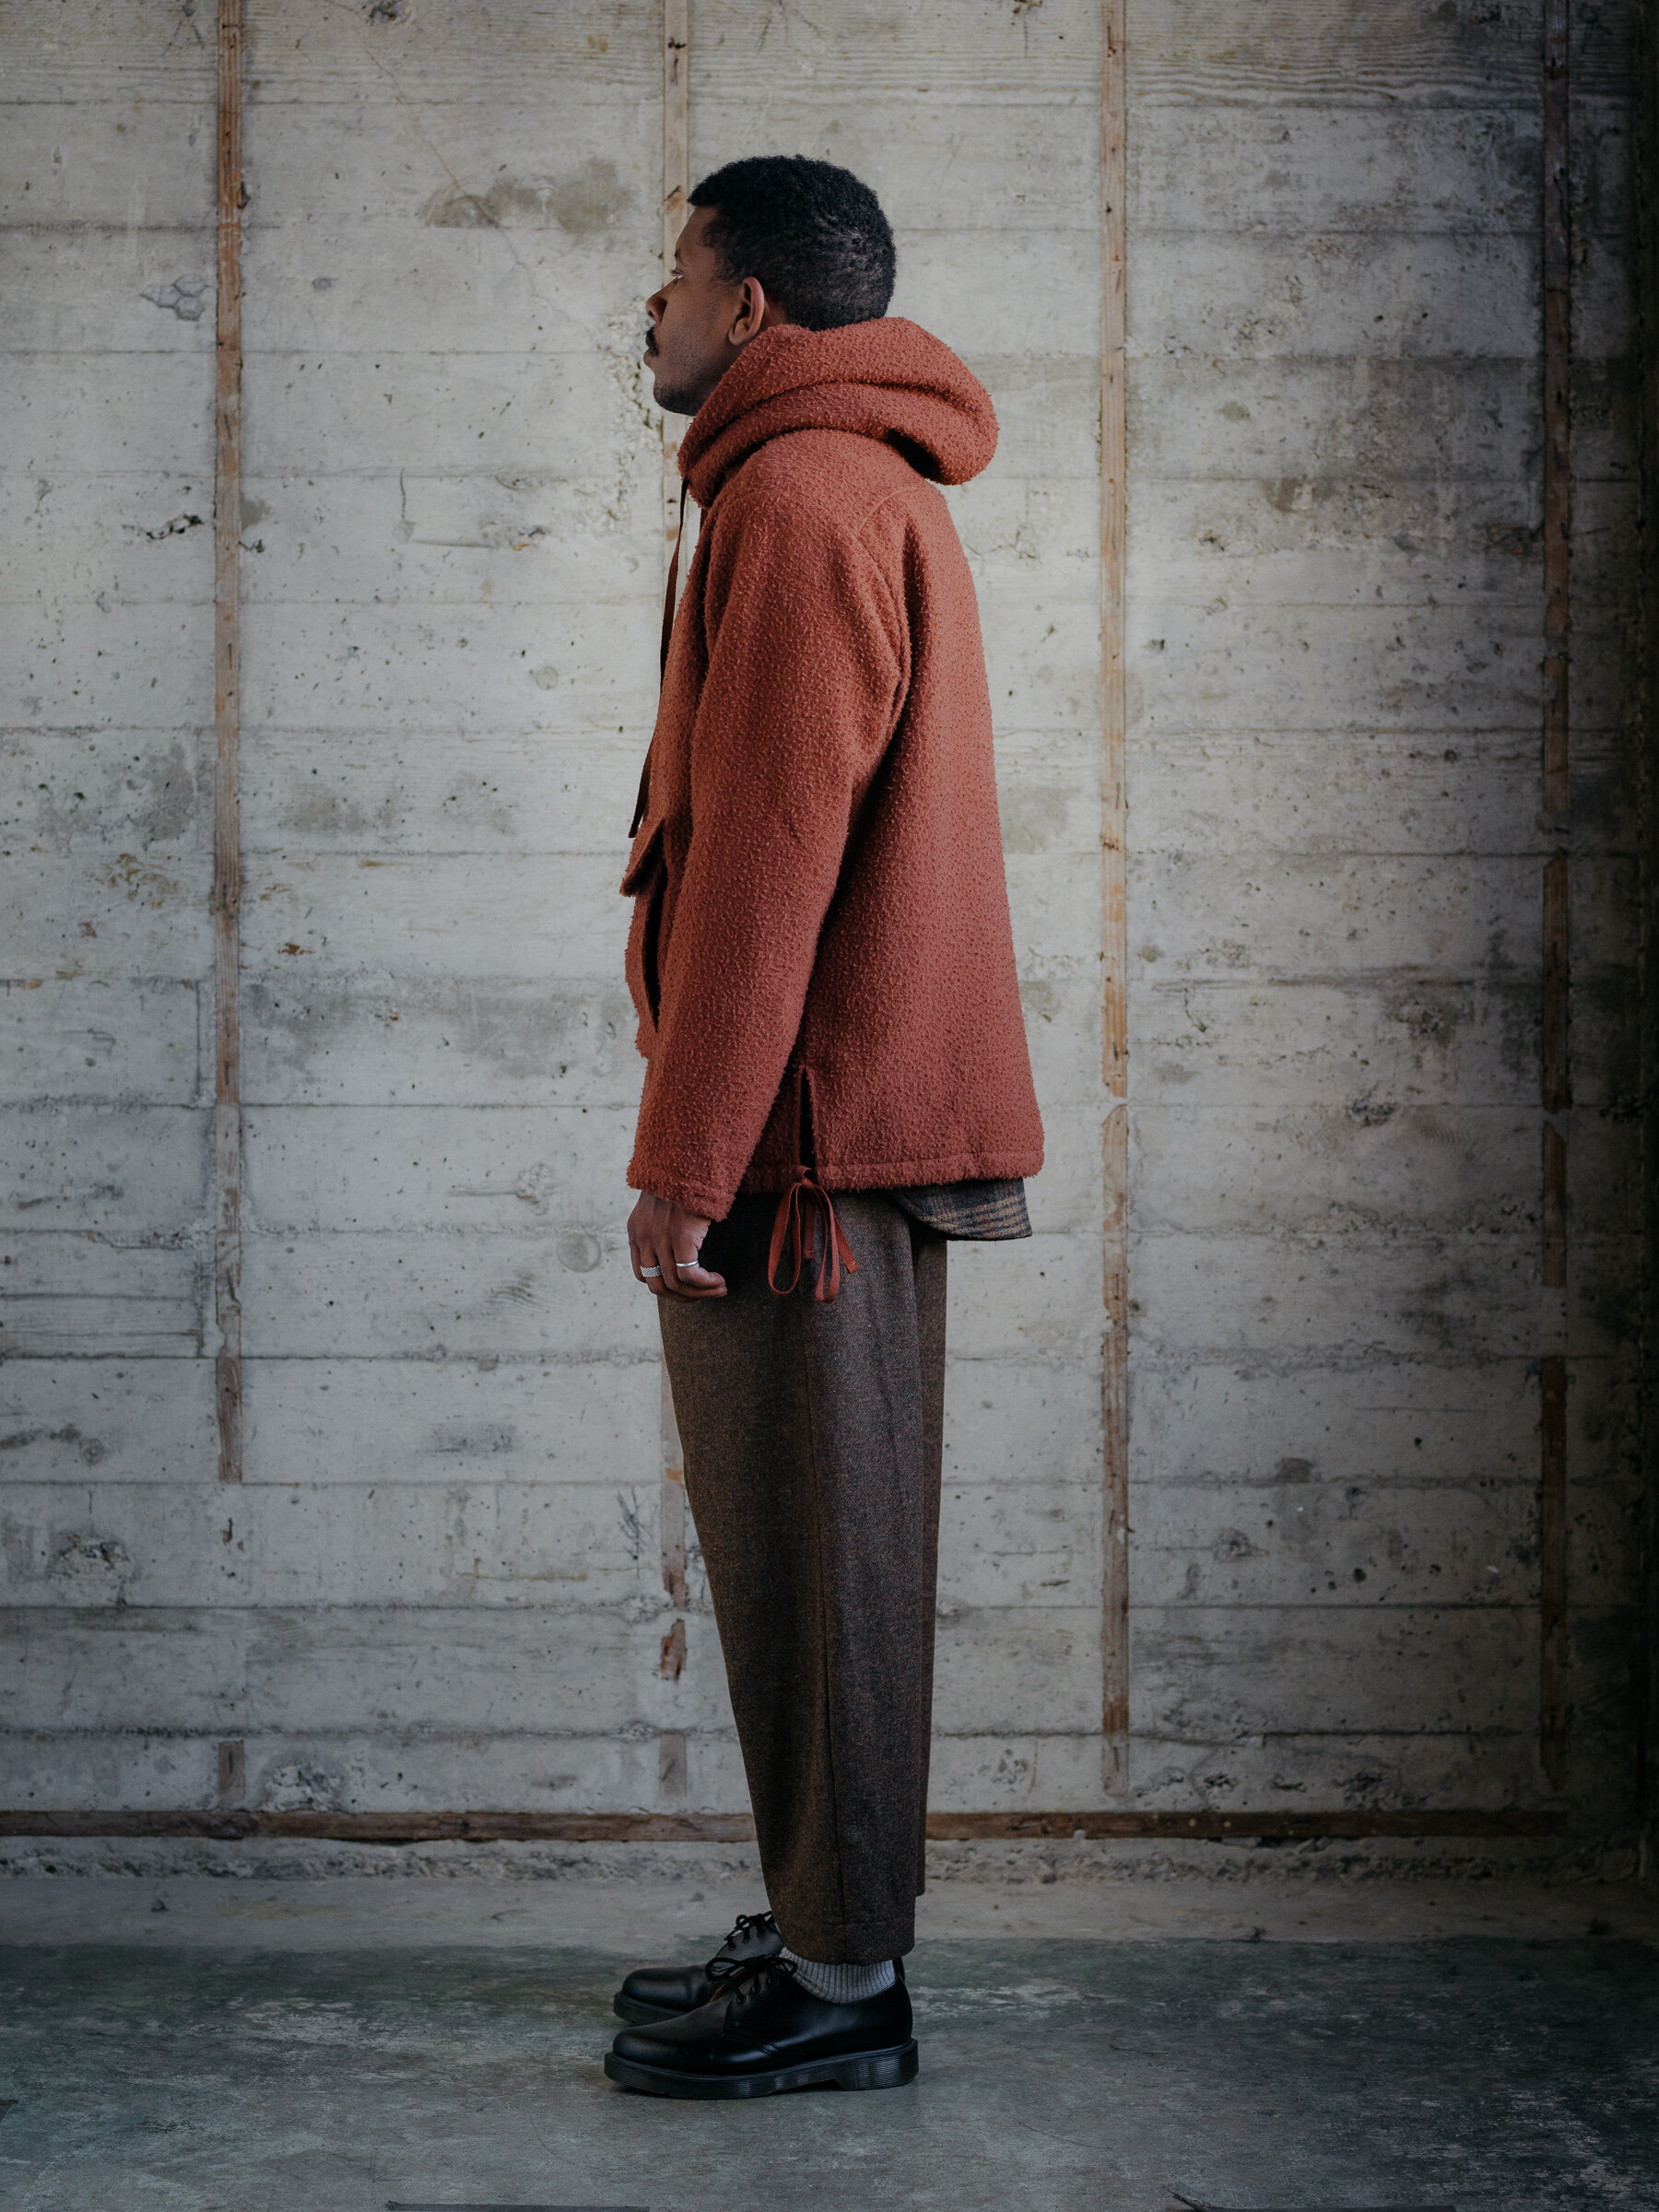 evan-kinori-anorak-casentino-wool-woven-in-italy-2